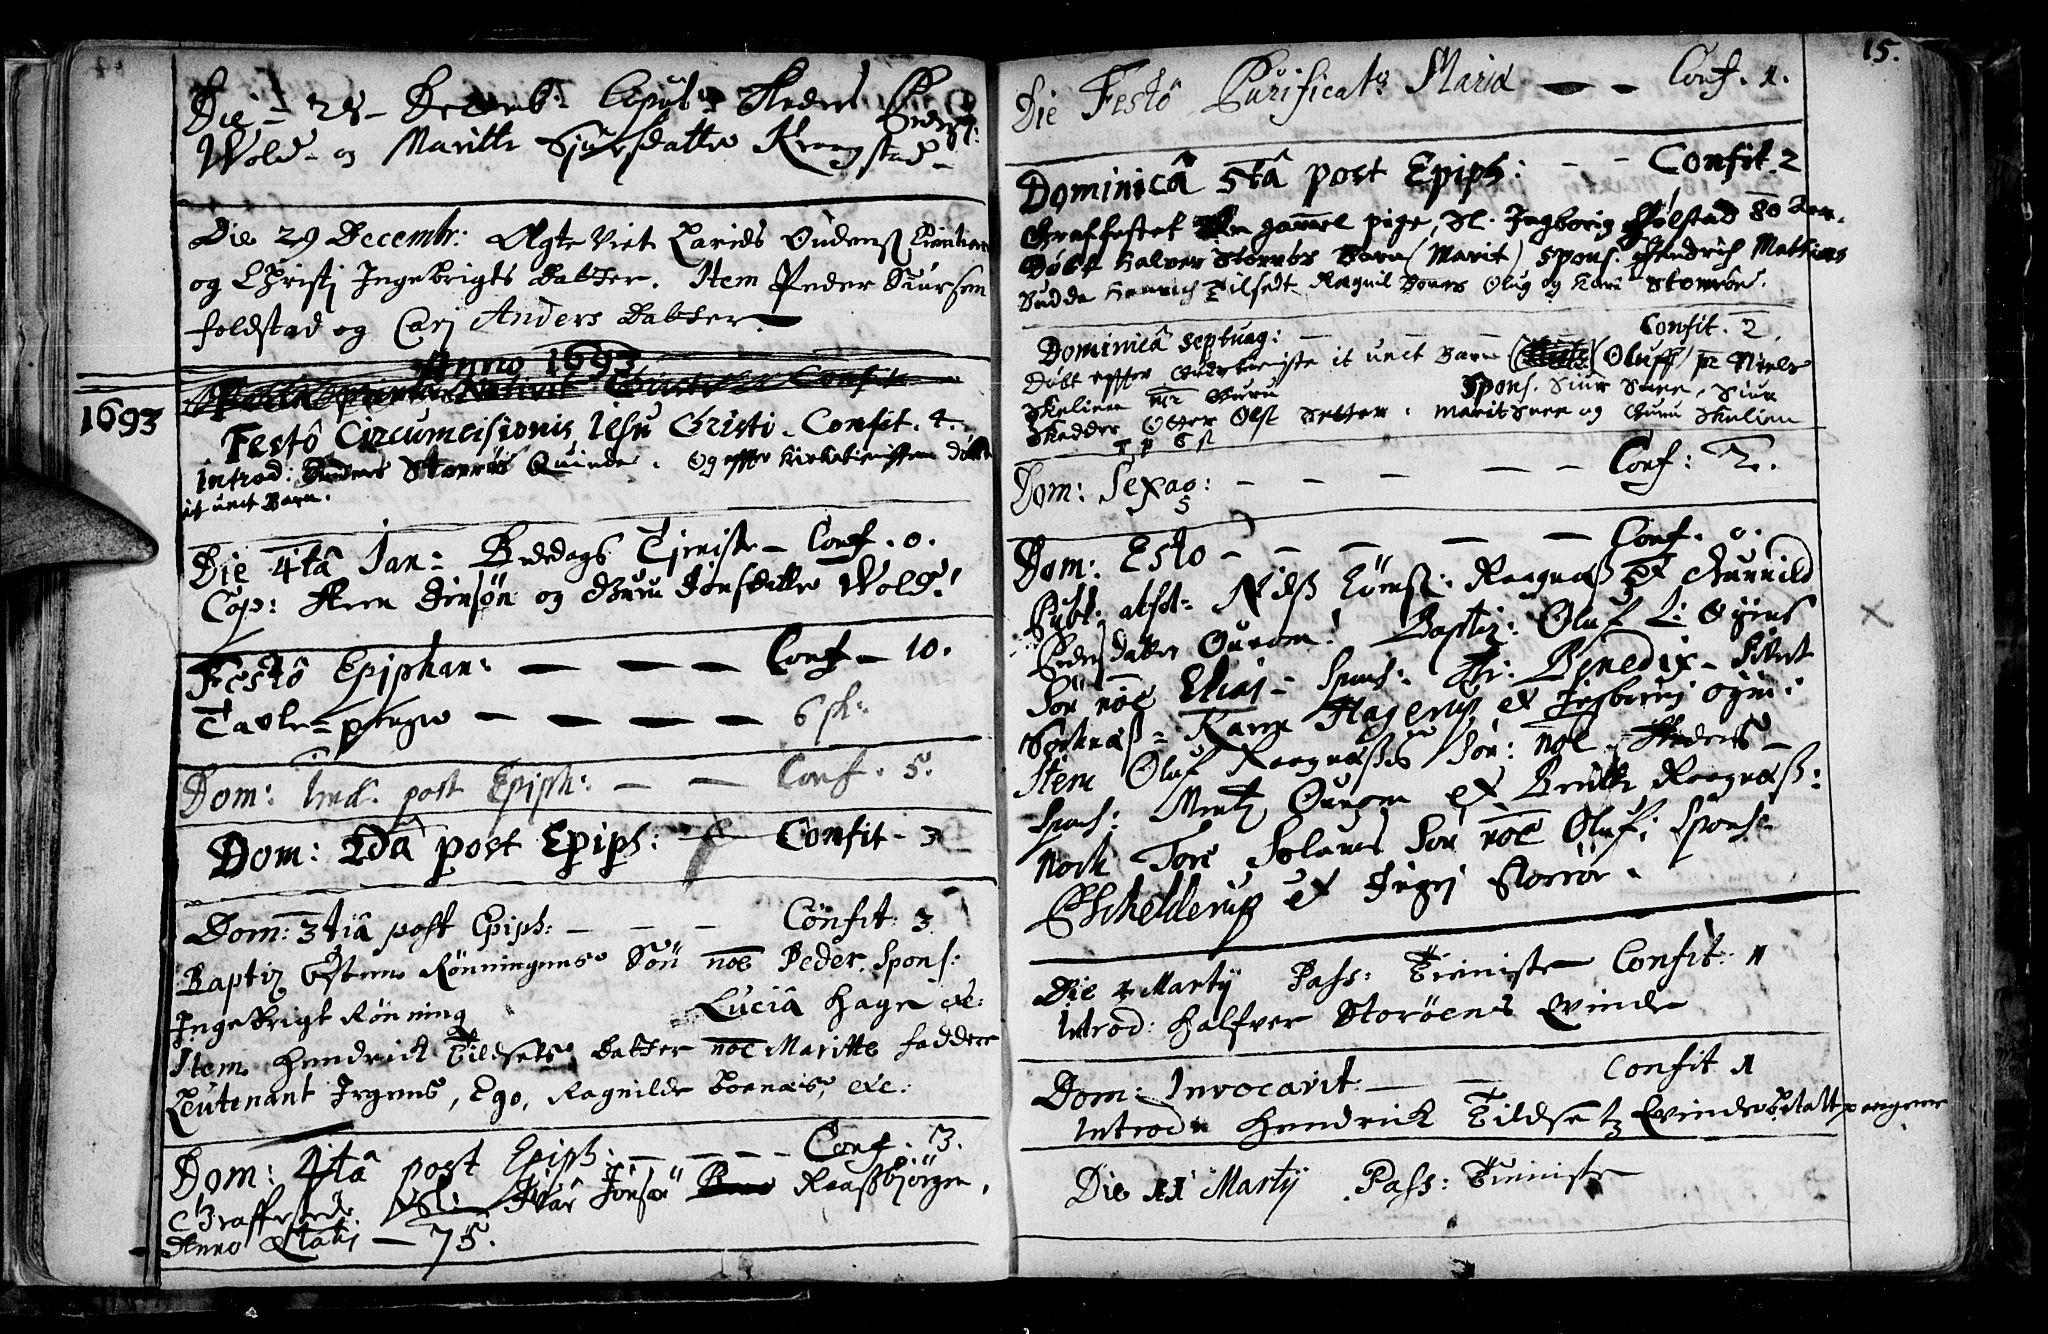 SAT, Ministerialprotokoller, klokkerbøker og fødselsregistre - Sør-Trøndelag, 687/L0990: Ministerialbok nr. 687A01, 1690-1746, s. 15